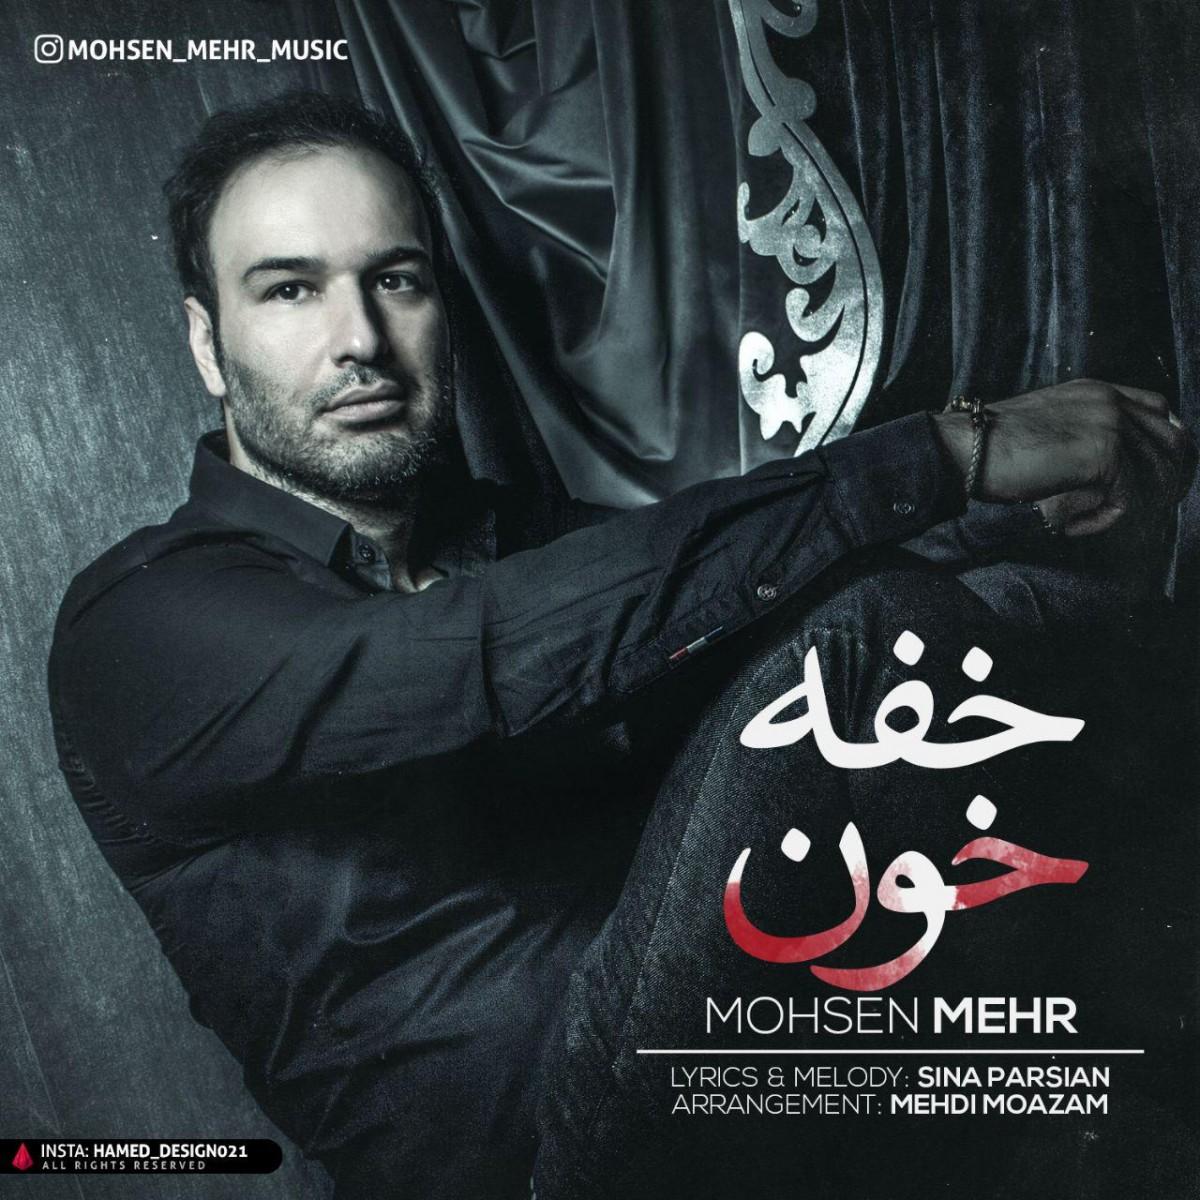 نامبر وان موزیک | دانلود آهنگ جدید Mohsen-Mehr-Khafe-Khon